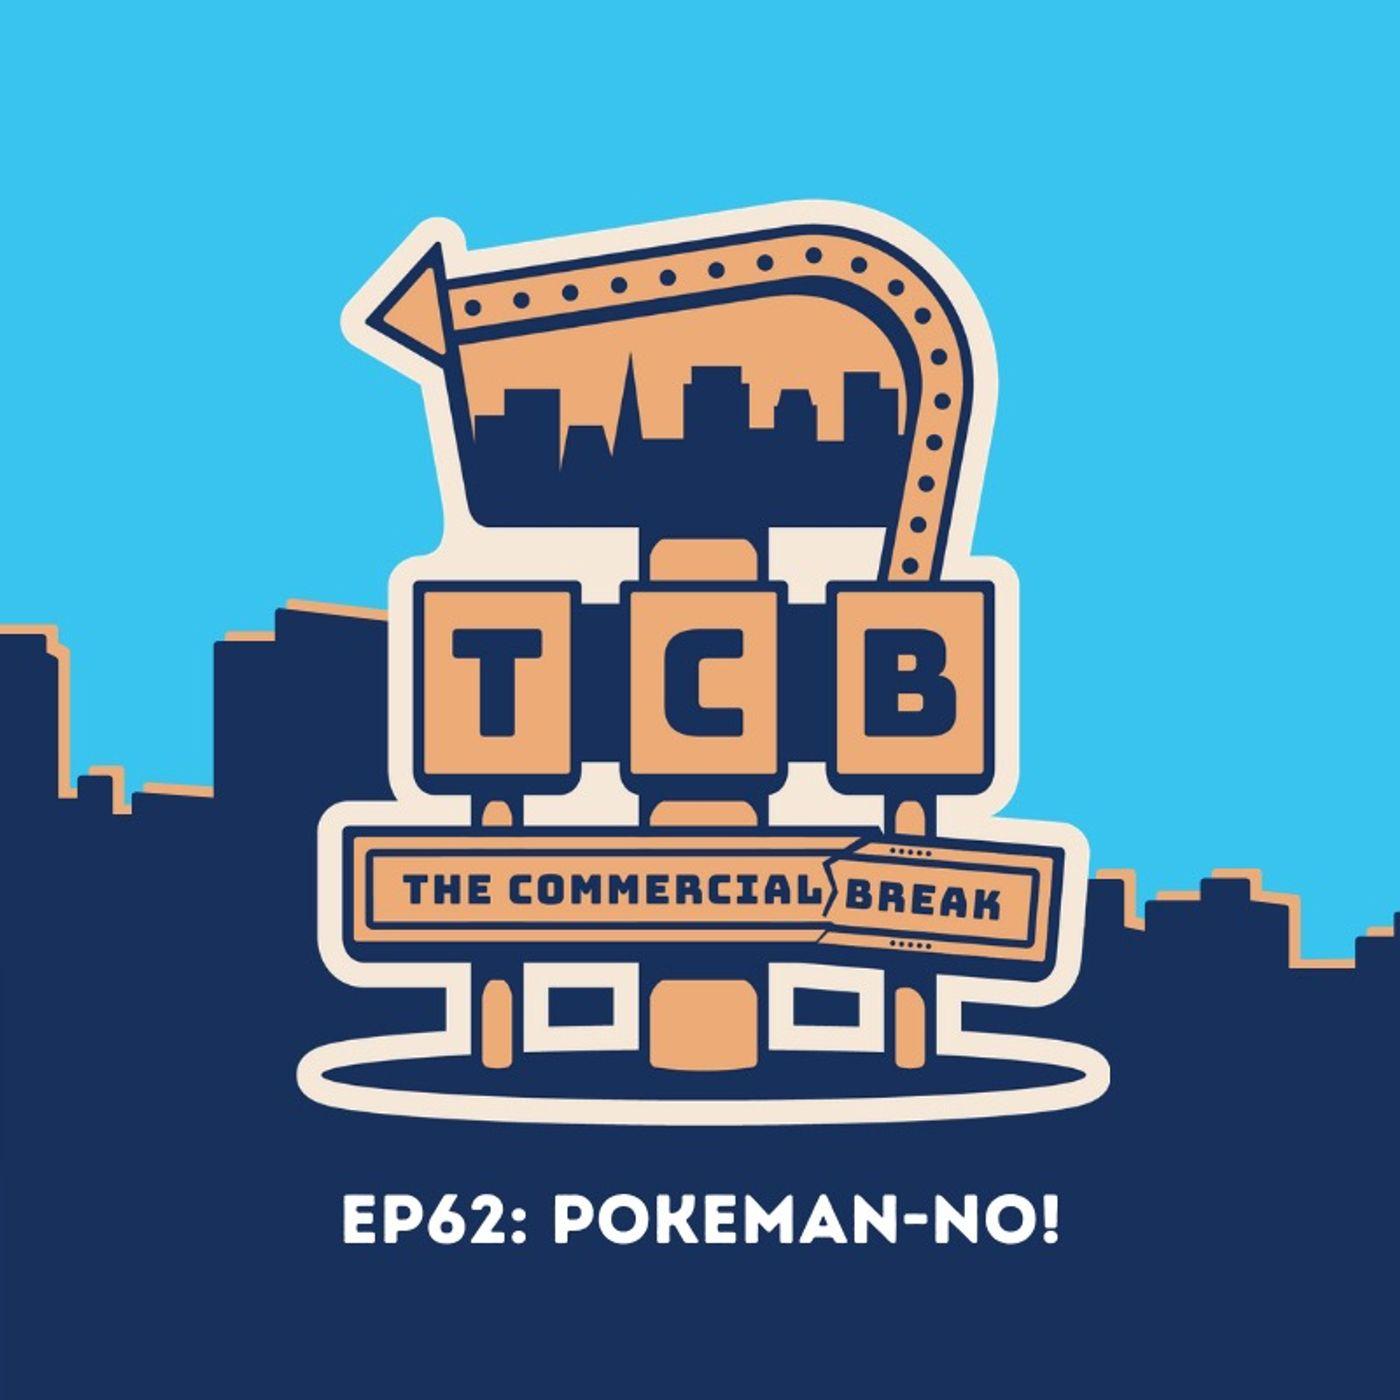 EP62: Pokeman-NO!